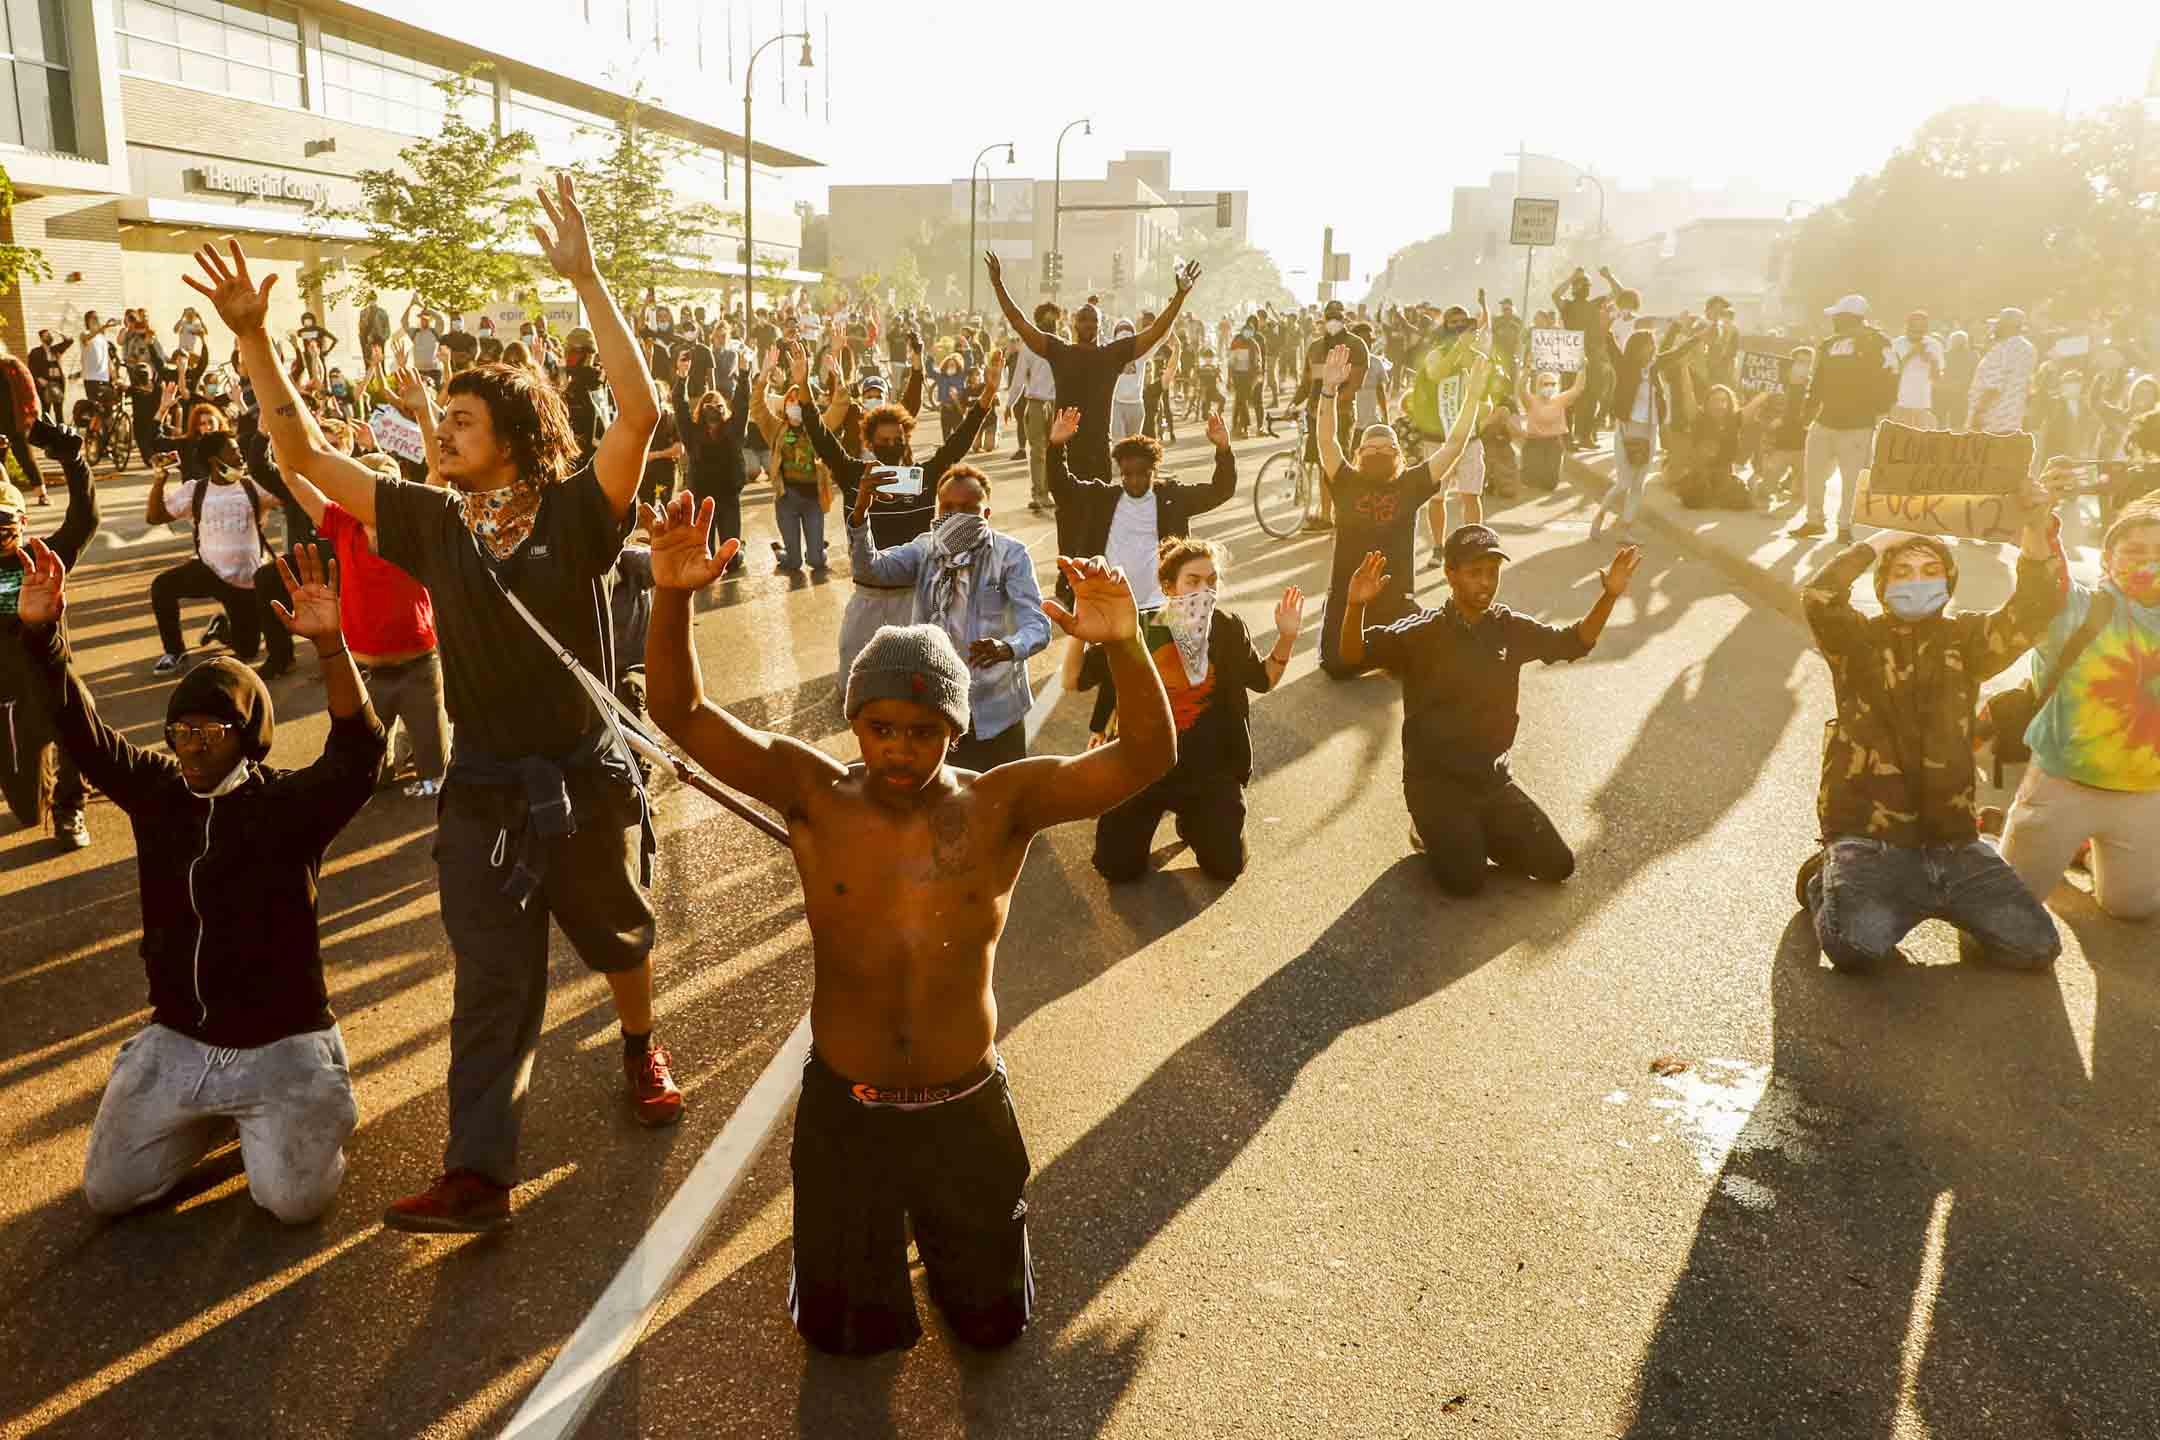 2020年5月29日,美國明尼蘇達州阿波利斯市,示威者在紀念美國黑人喬治·佛洛伊德(George Floyd)去世的遊行期間下跪。 攝:Lucas Jackson/Reuters/達志影像